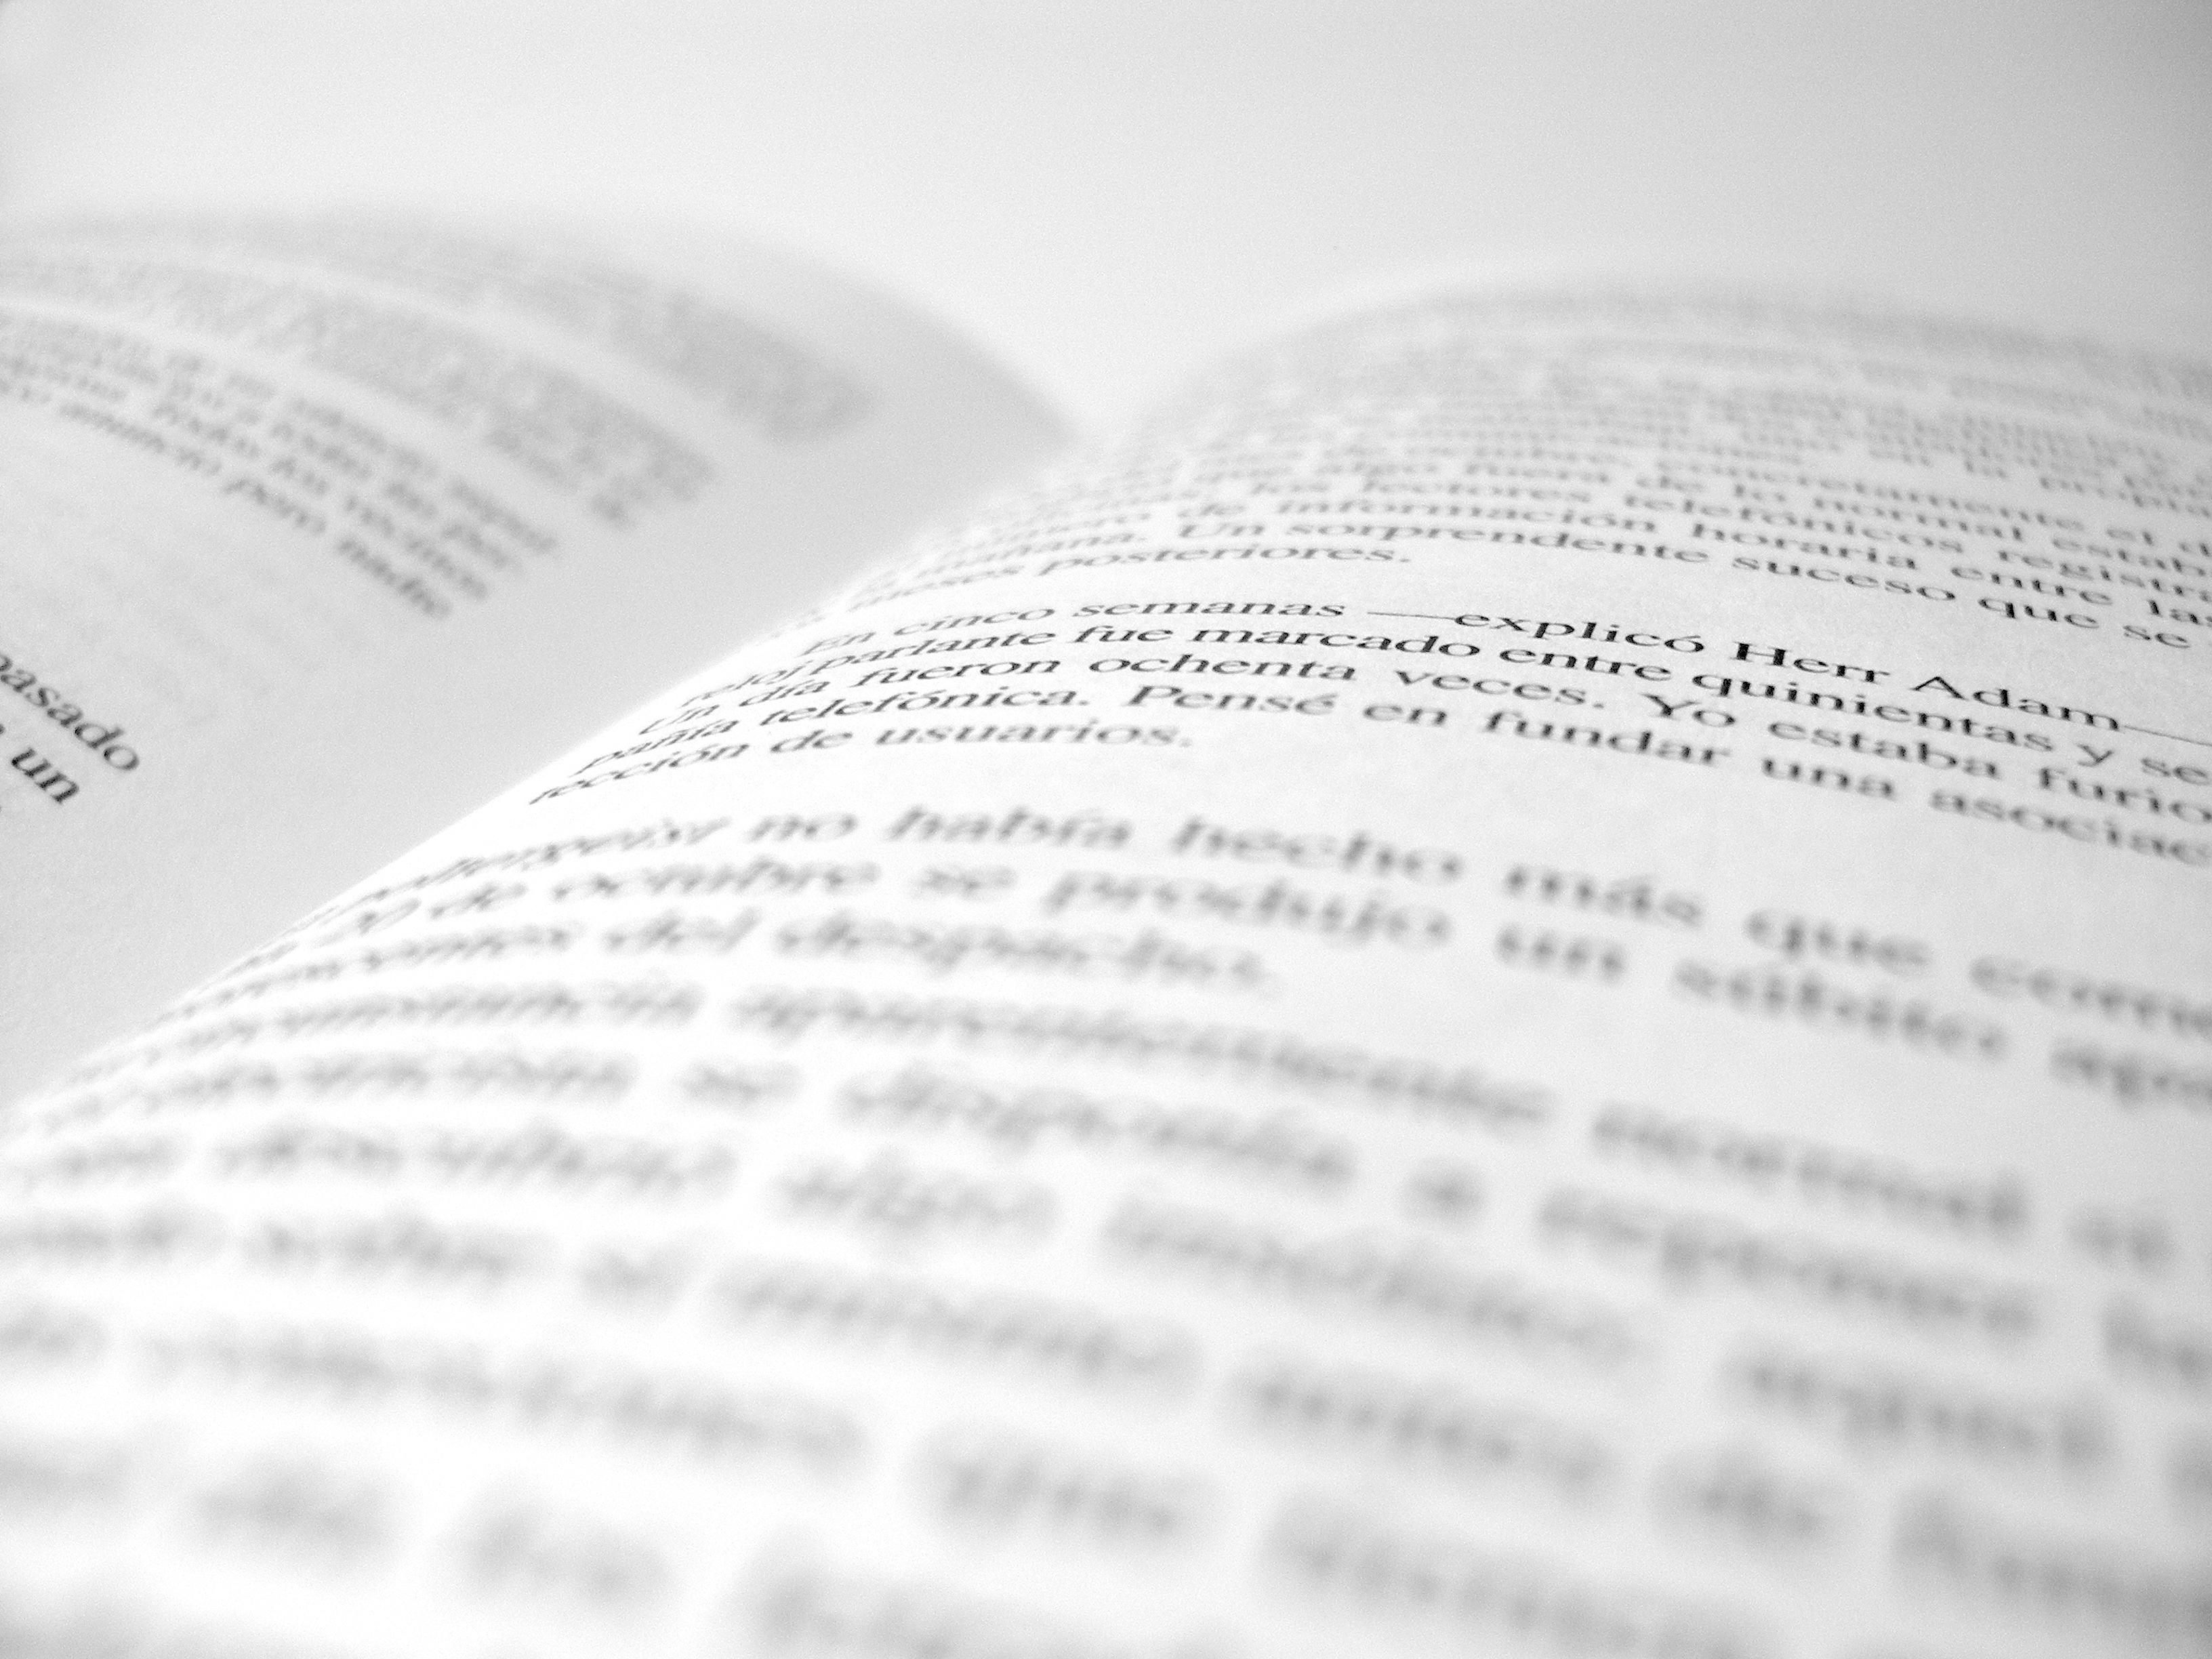 Autoeditar tu libro, una opción que deberías contemplar